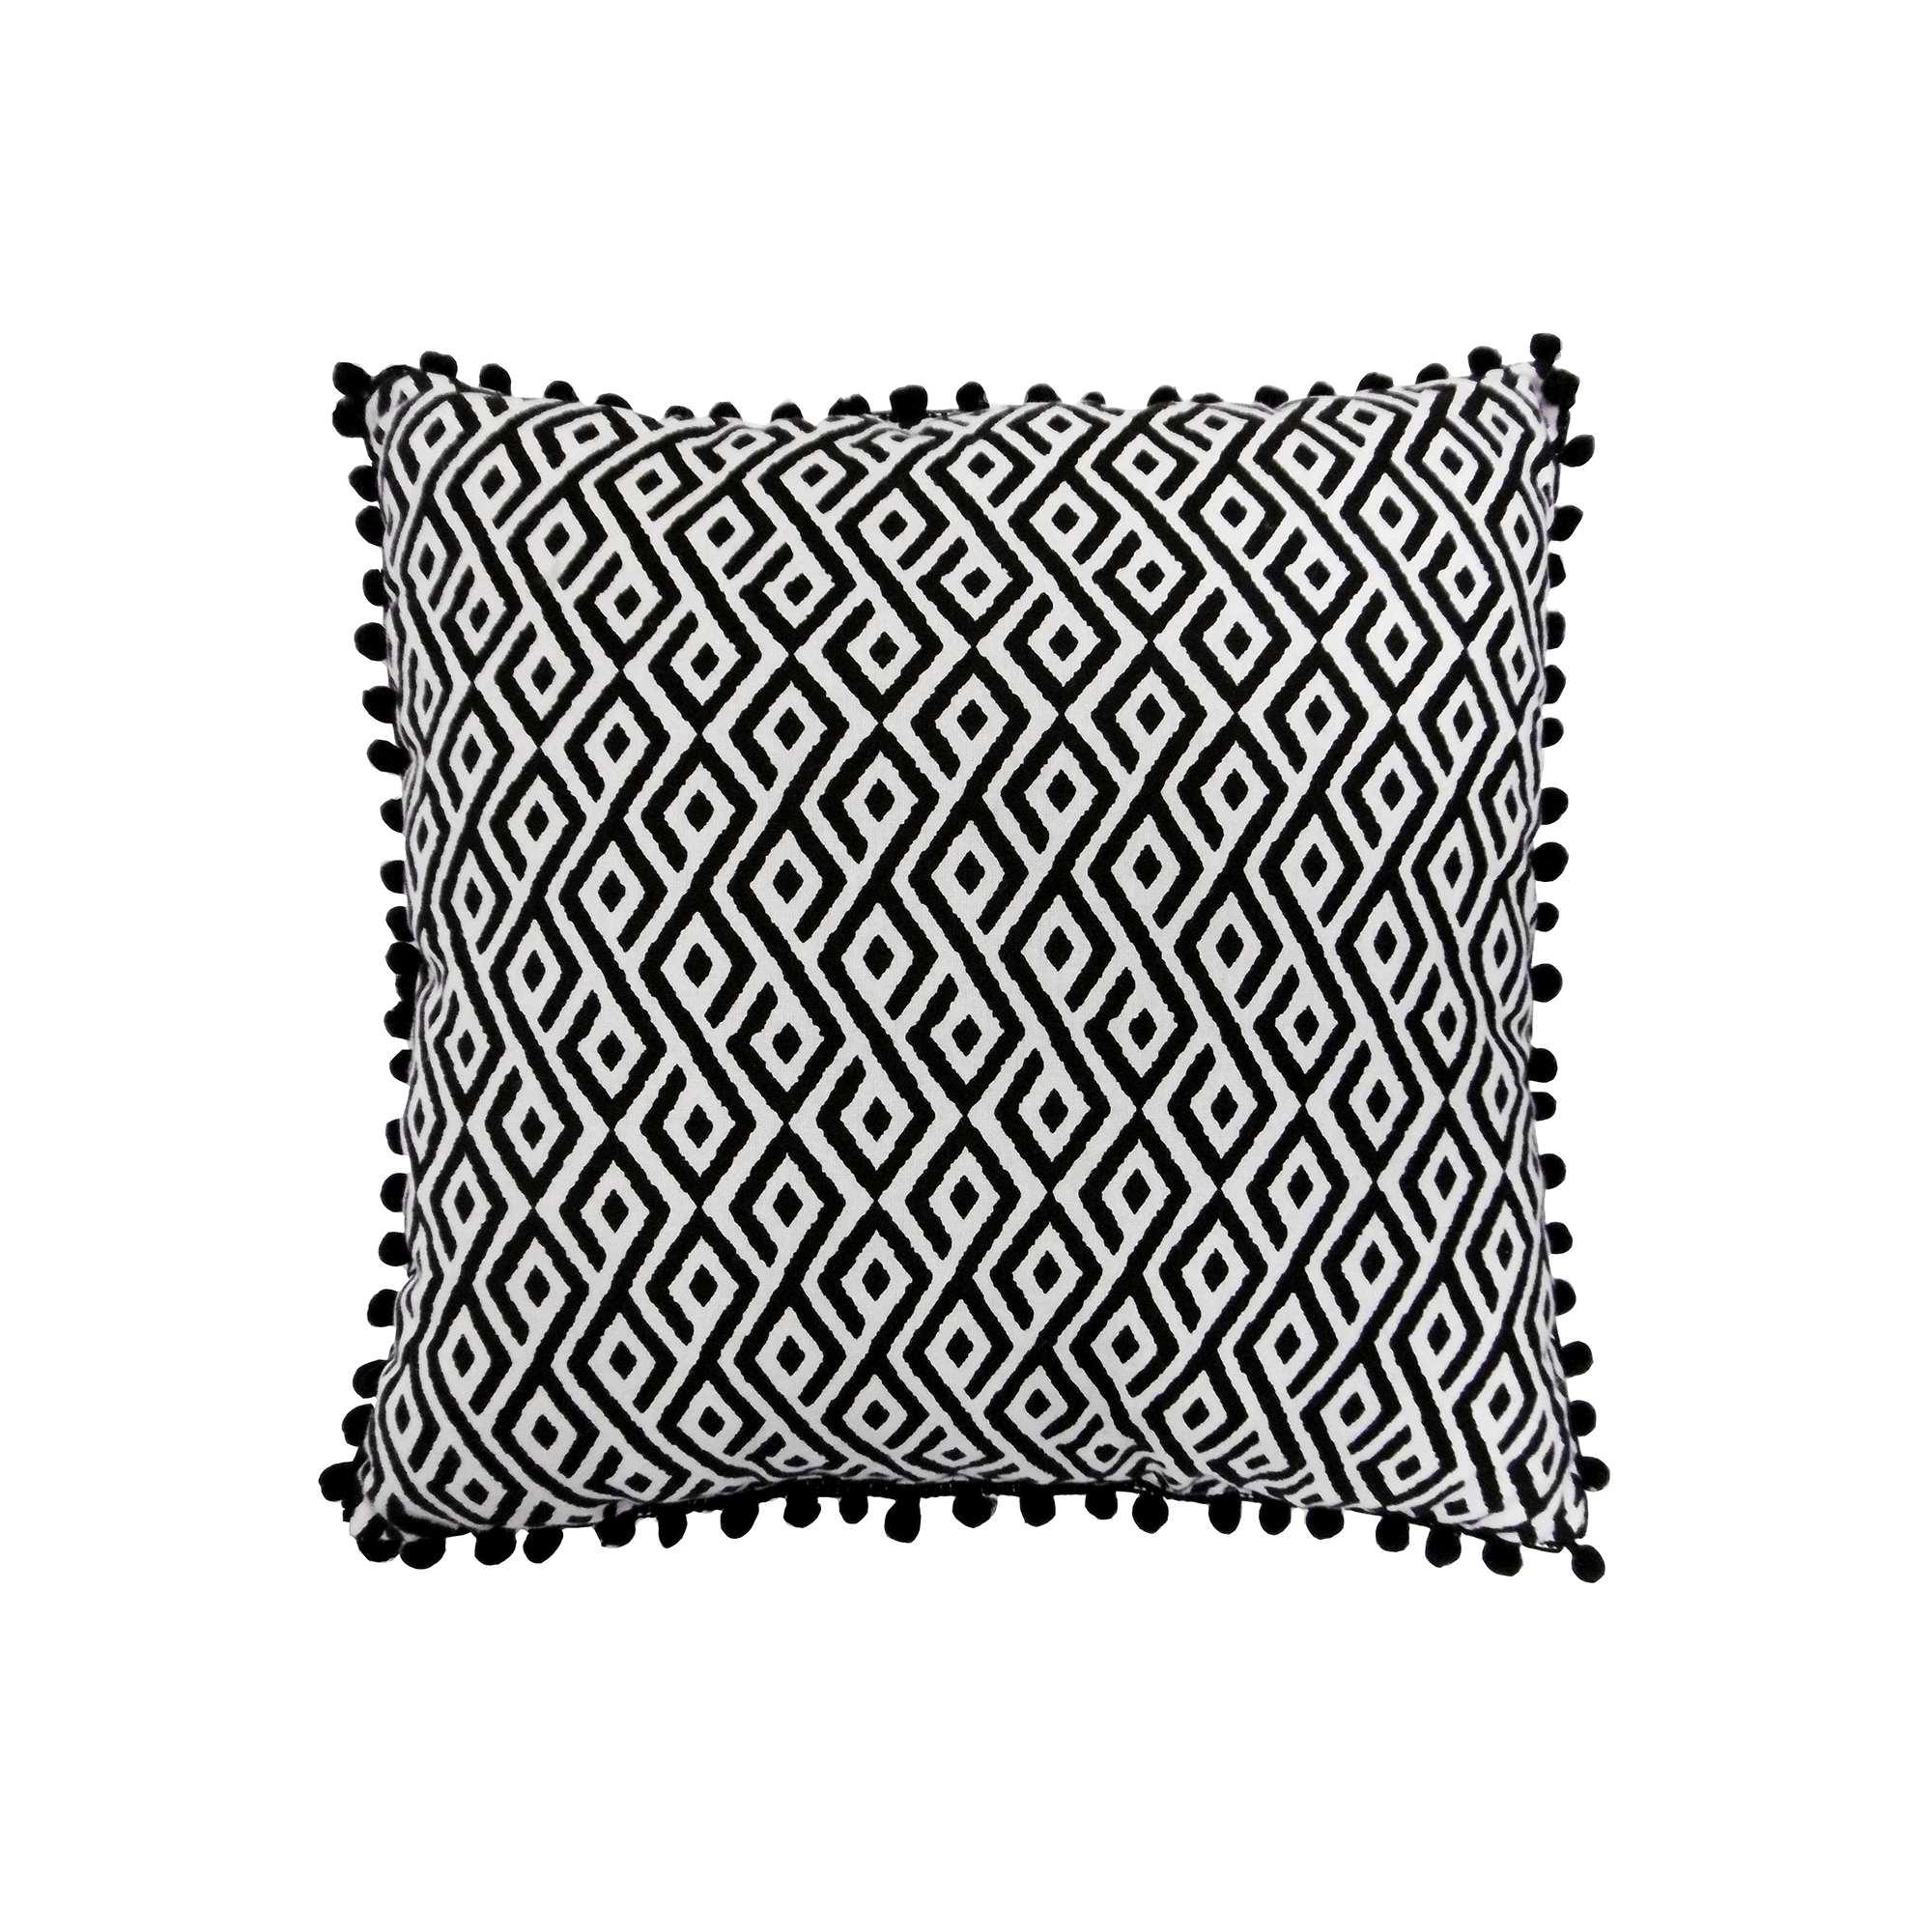 coussin graphique d houssable linge de lit noir blanc kiabi 10 00. Black Bedroom Furniture Sets. Home Design Ideas